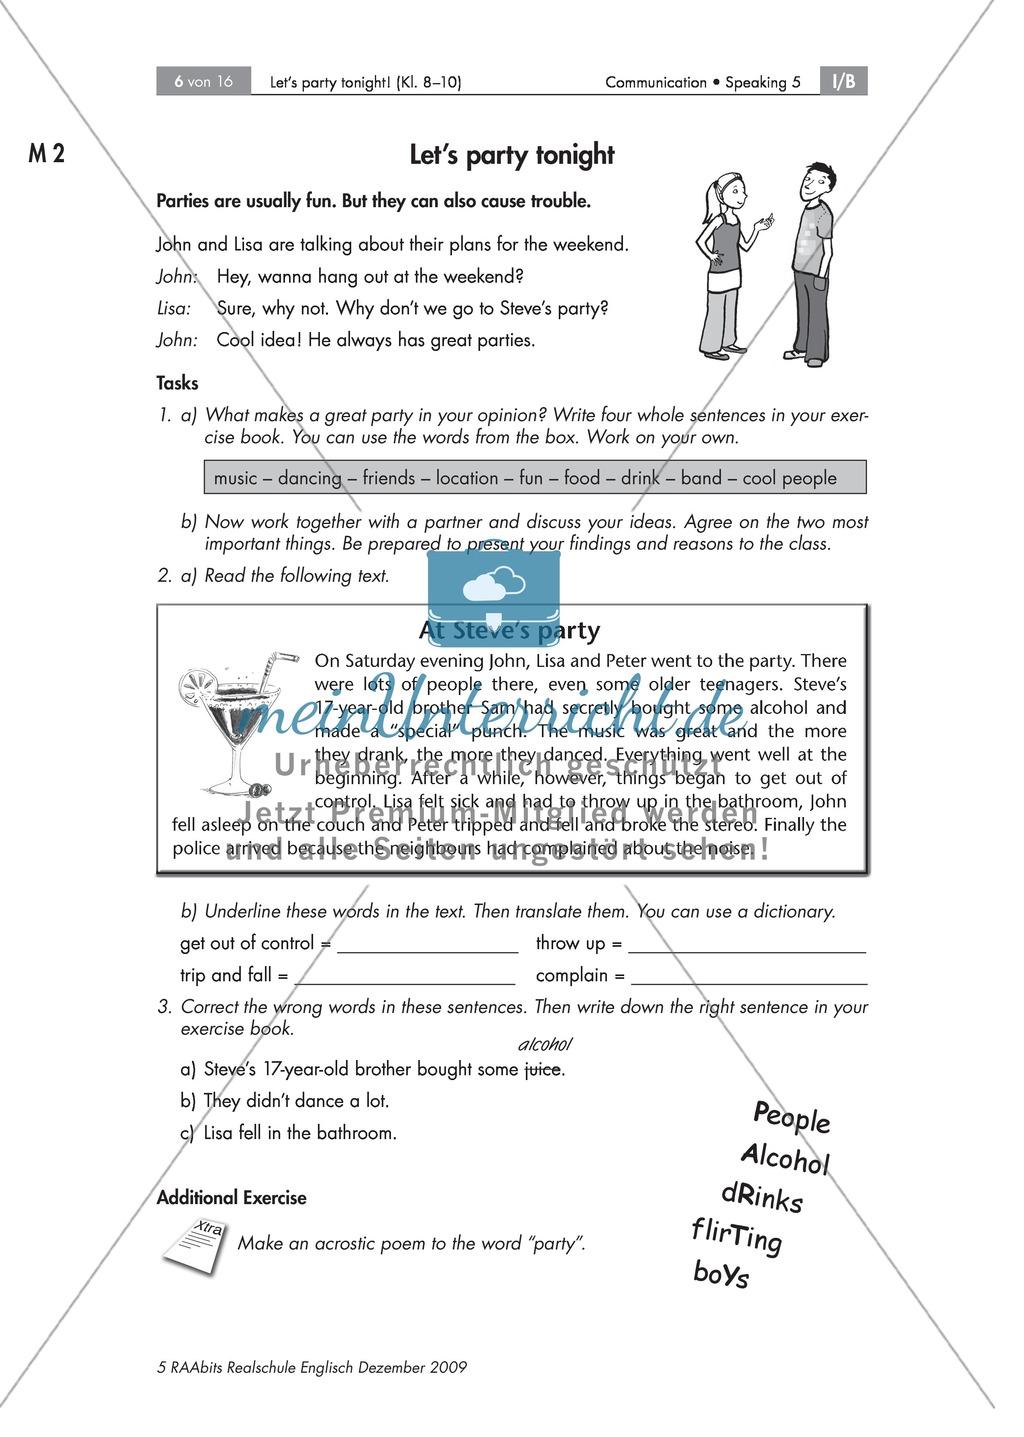 Talking about parties - Schüler schildern eigene Erfahrungen, überprüfen Aussagen zu einem Text und schreiben ein